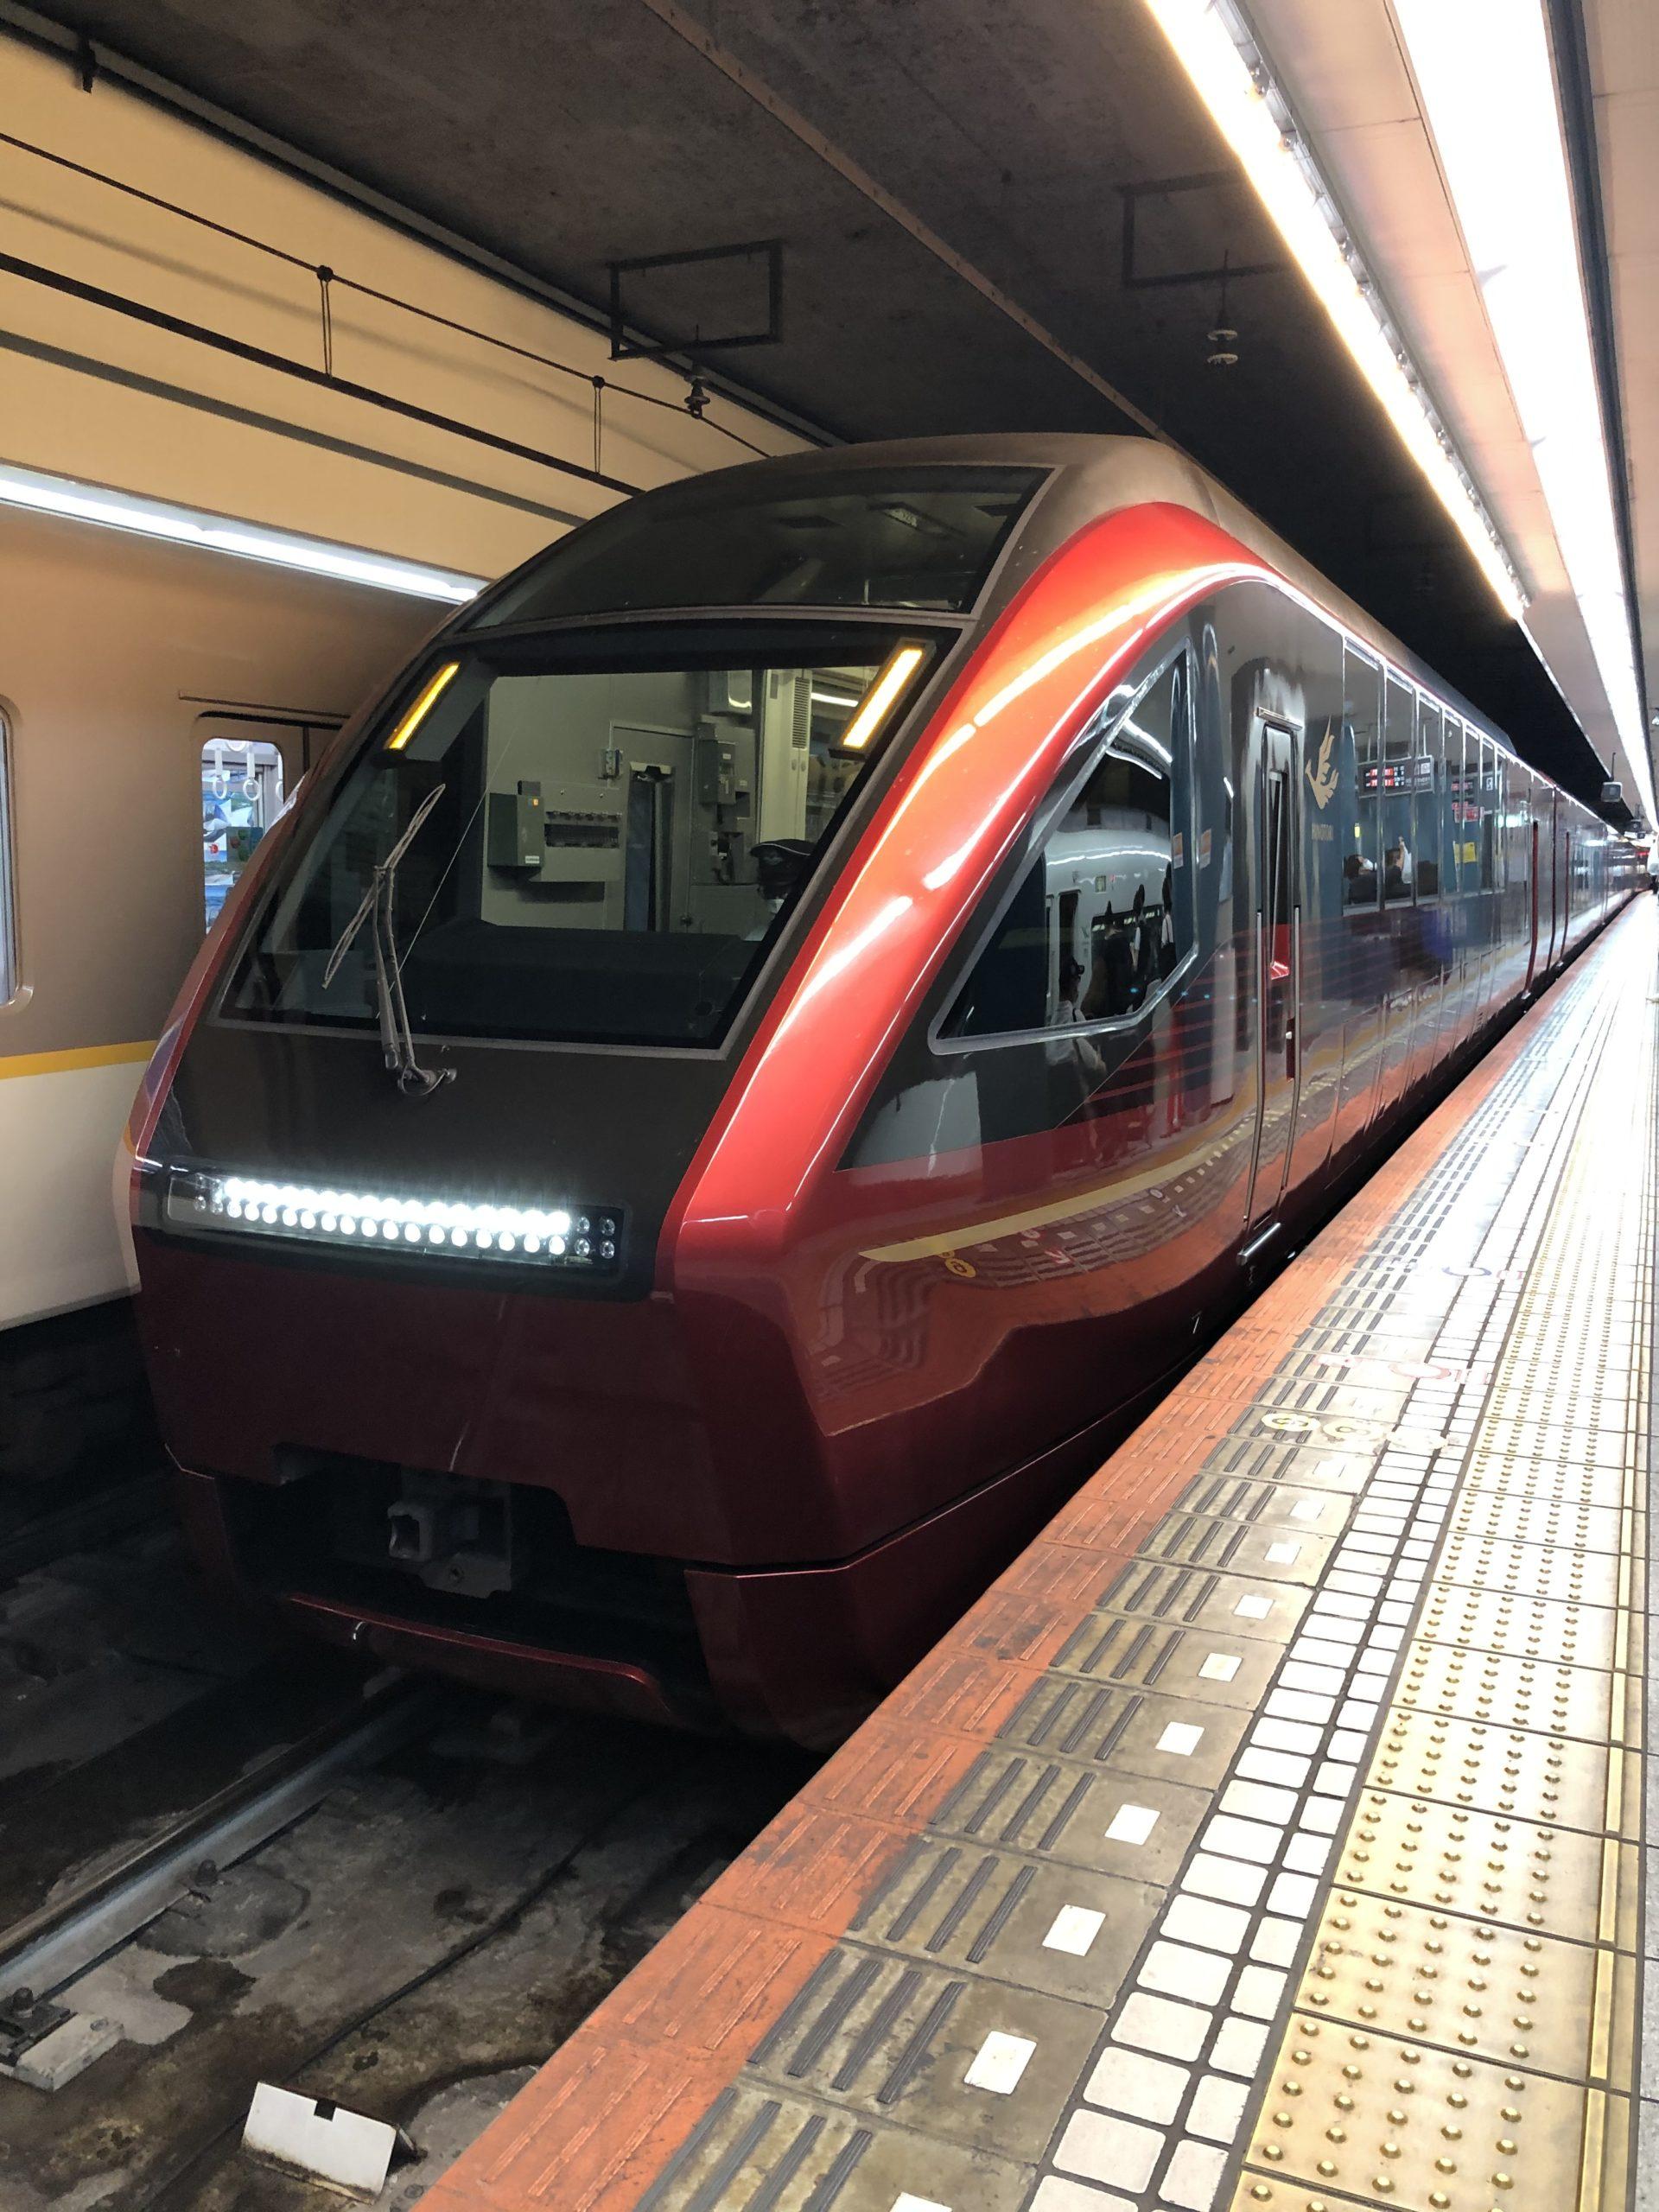 ひ とり 近鉄 の 近鉄特急ひのとり67列車プレミアムシート乗車記 近鉄名古屋→大阪難波